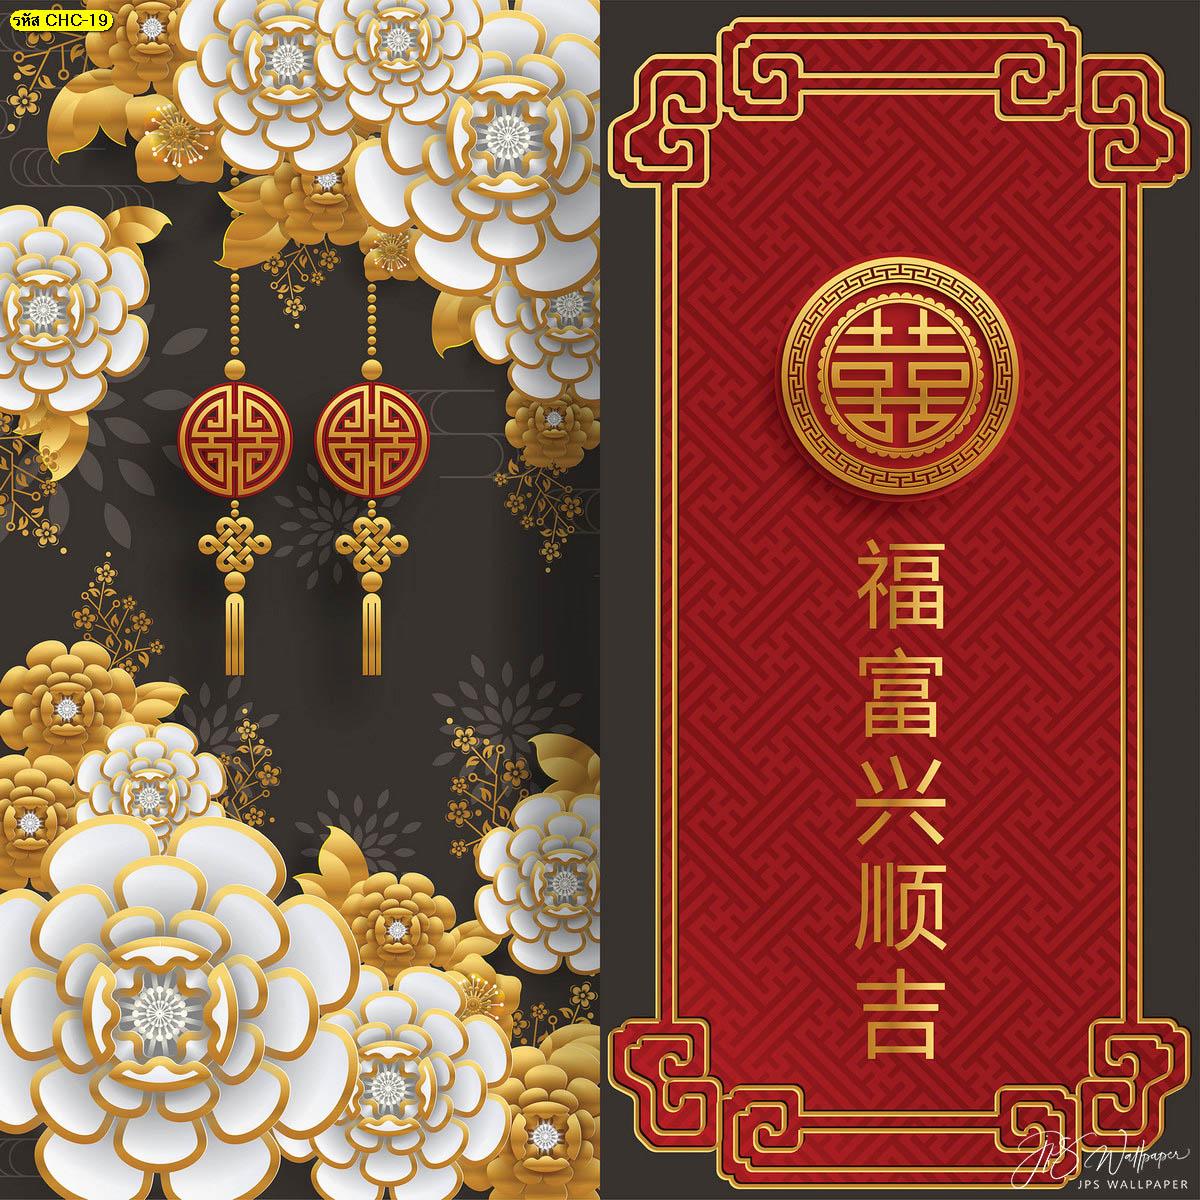 ภาพวอลเปเปอร์จีนมงคล วอลเปเปอร์จีนมงคลลายดอกไม้พื้นหลังสีดำ อวยพรตรุษจีน